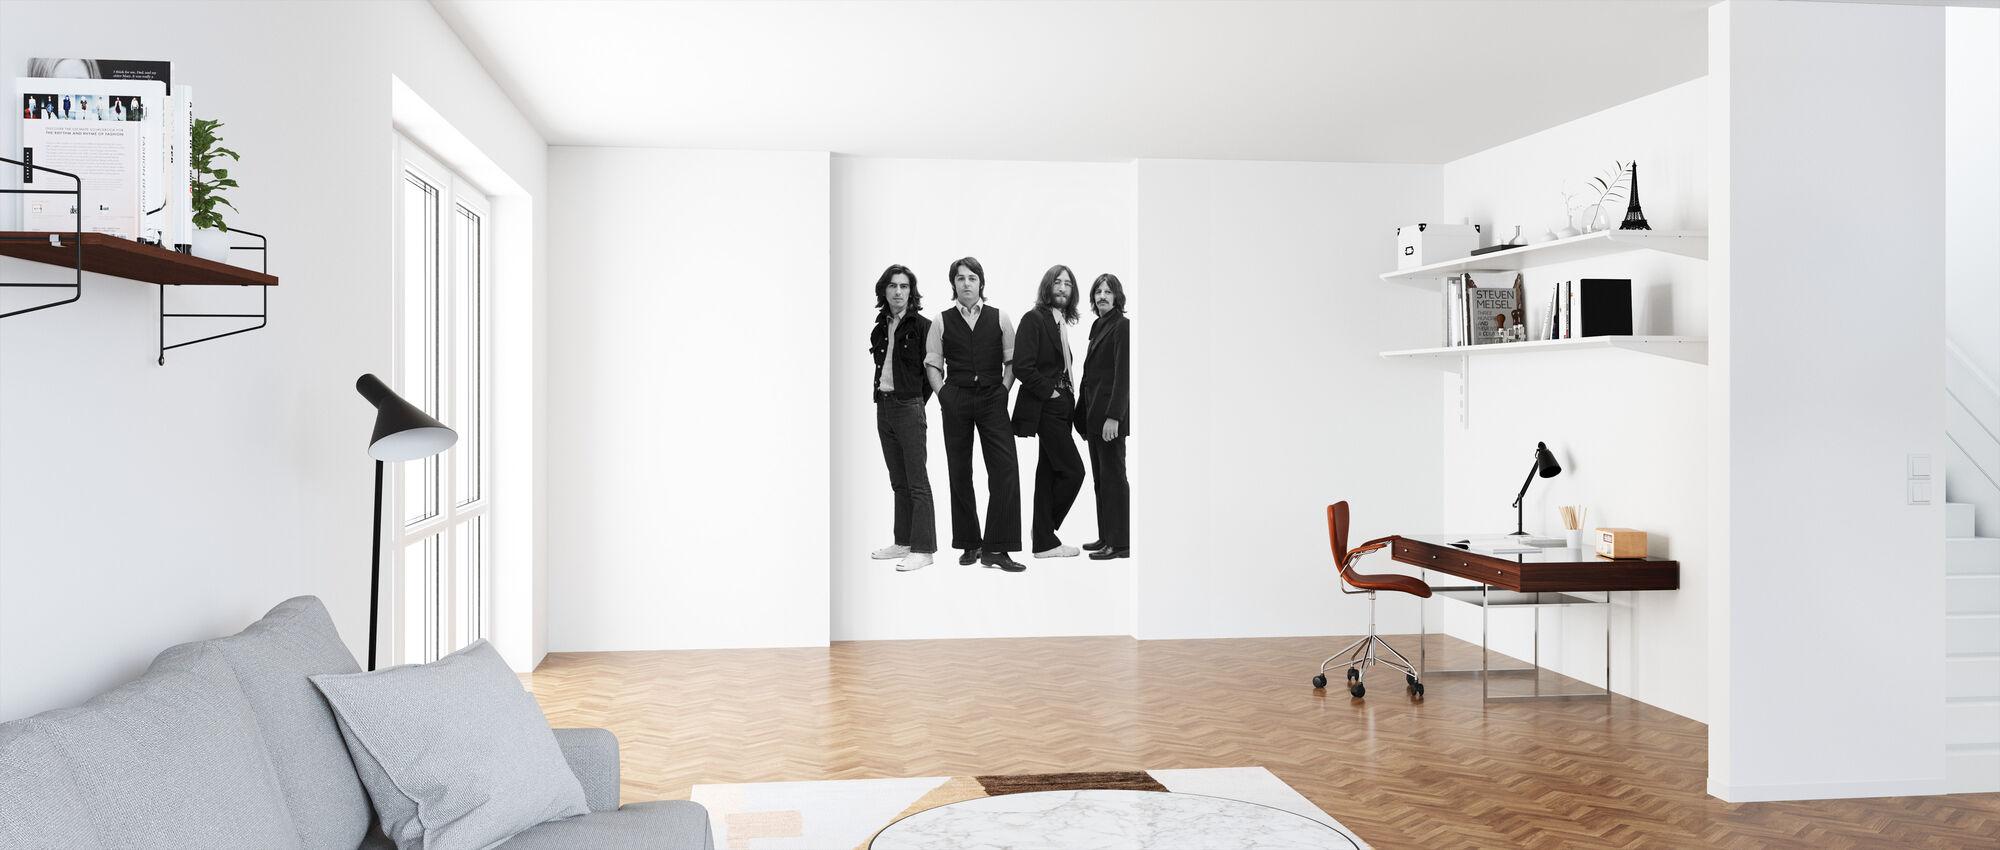 The Beatles - Pose - Tapet - Kontor